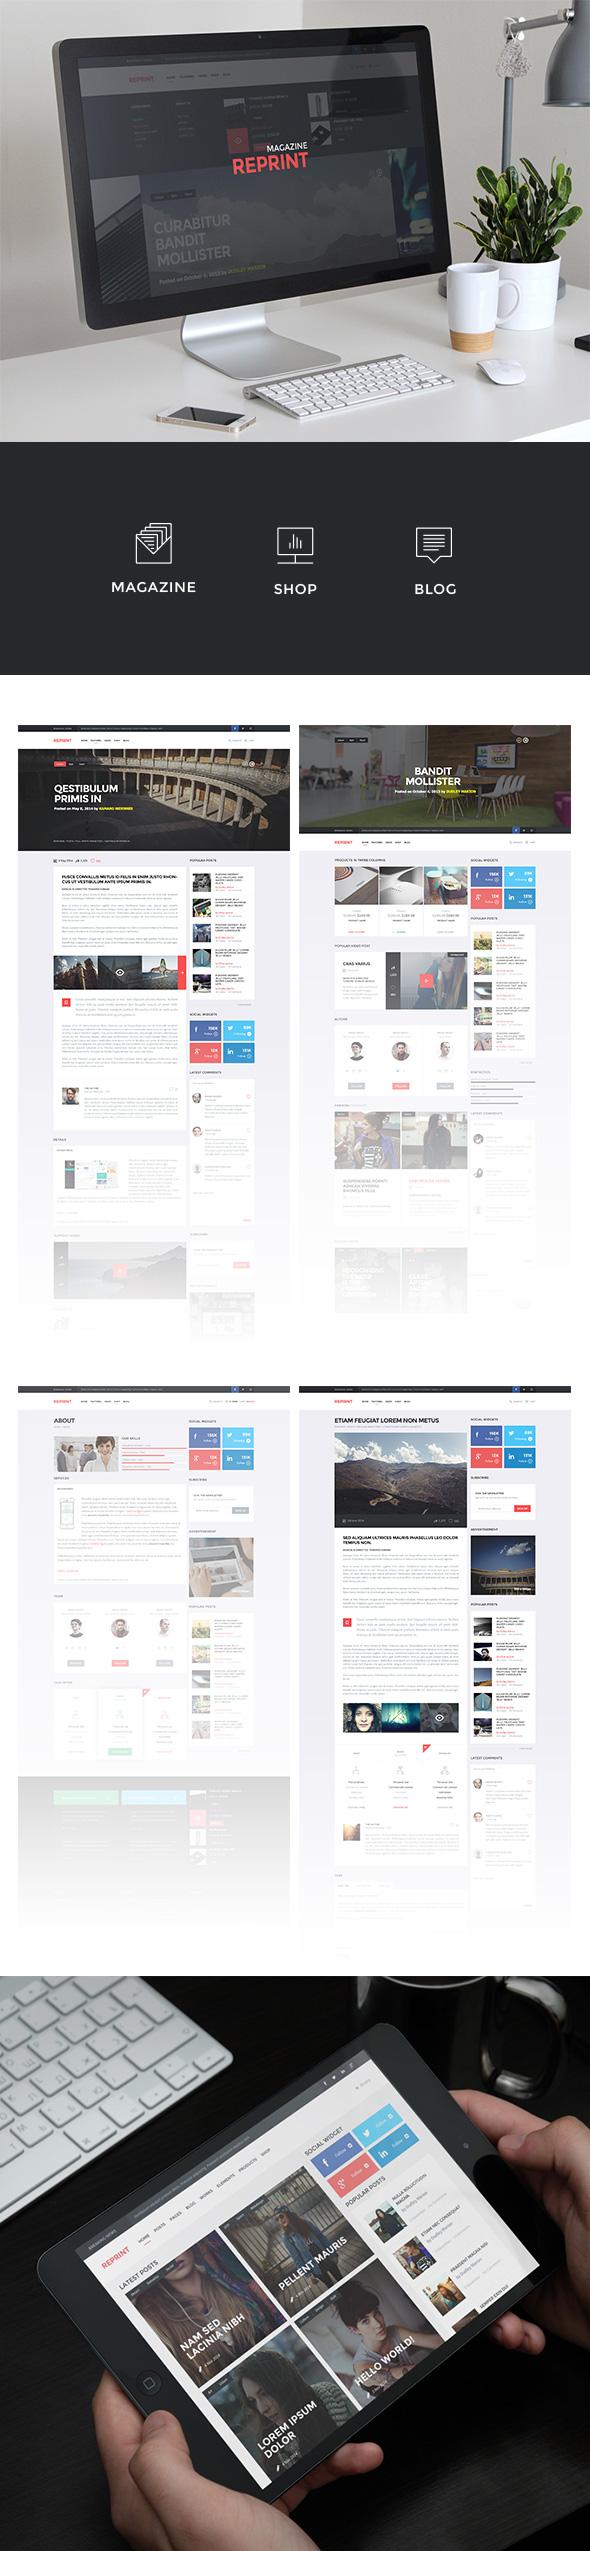 WordPress - REPRINT | Magazine MultiPurpose WordPress Theme | ThemeForest